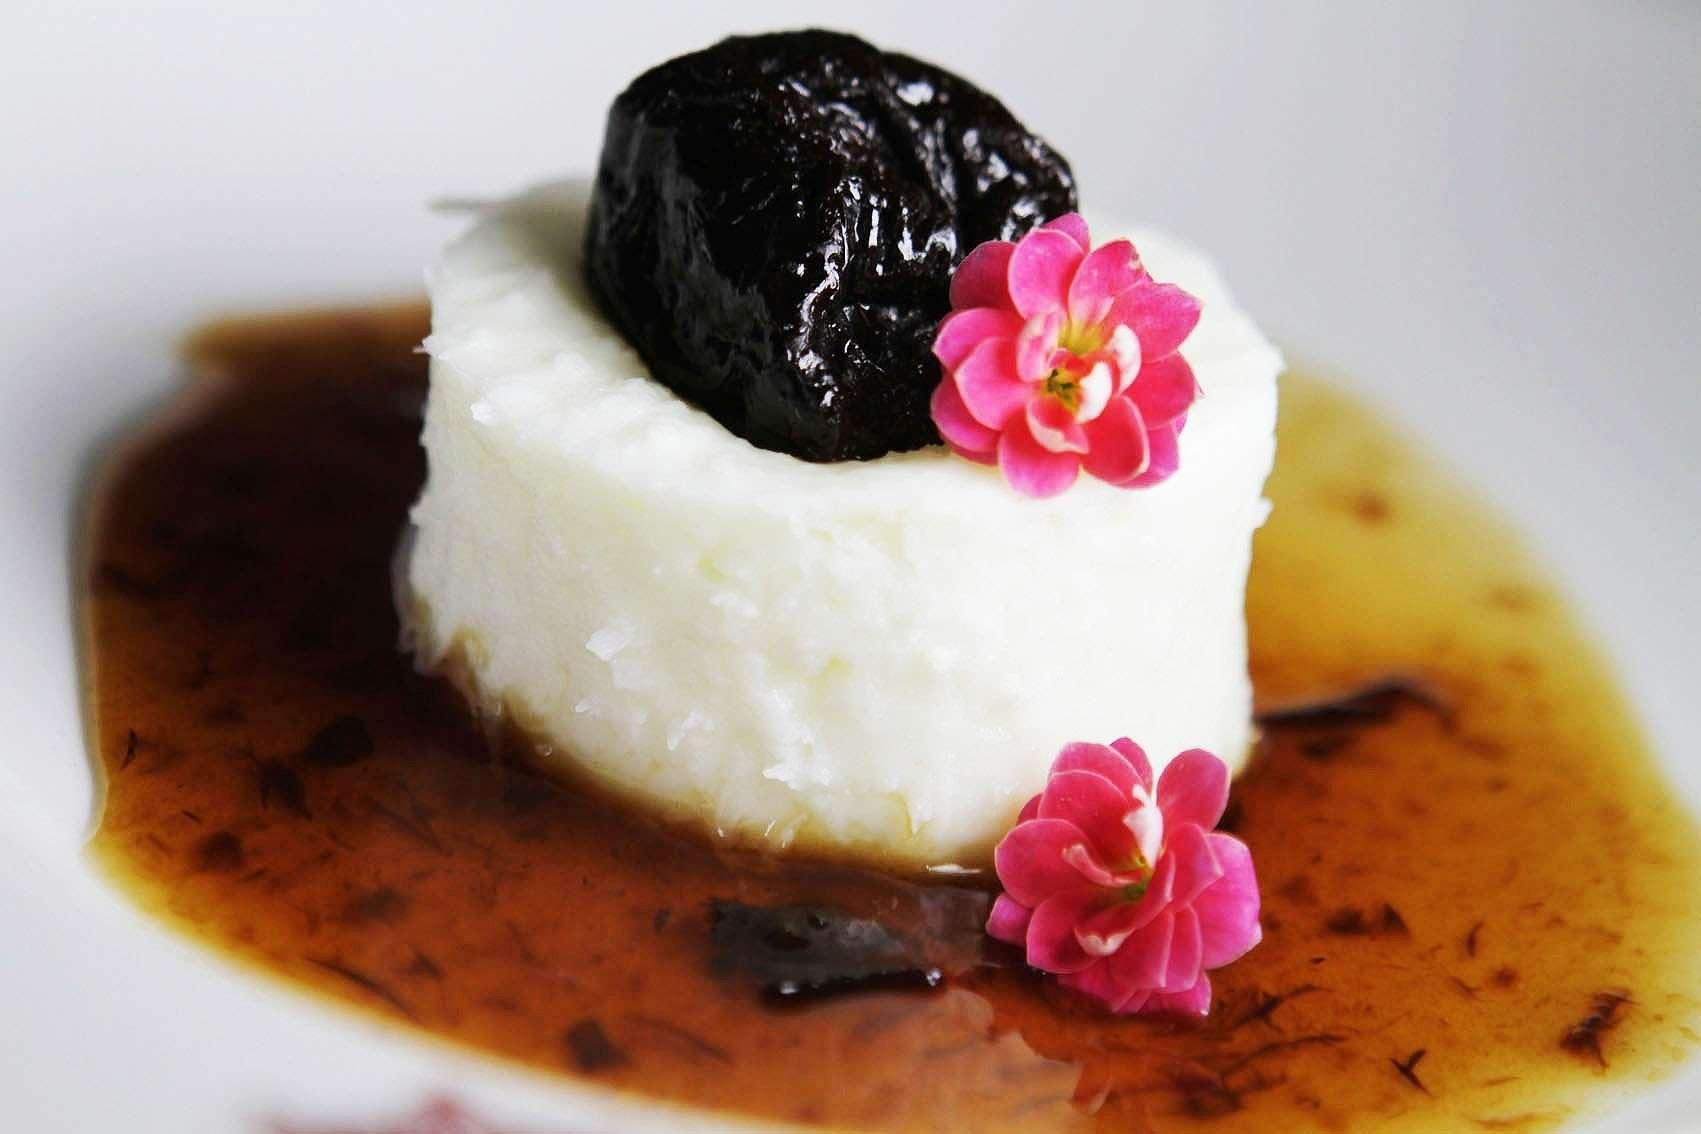 Confira 20 Receitas de Manjar com Diversas ideias para uma Sobremesa Típica Brasileira